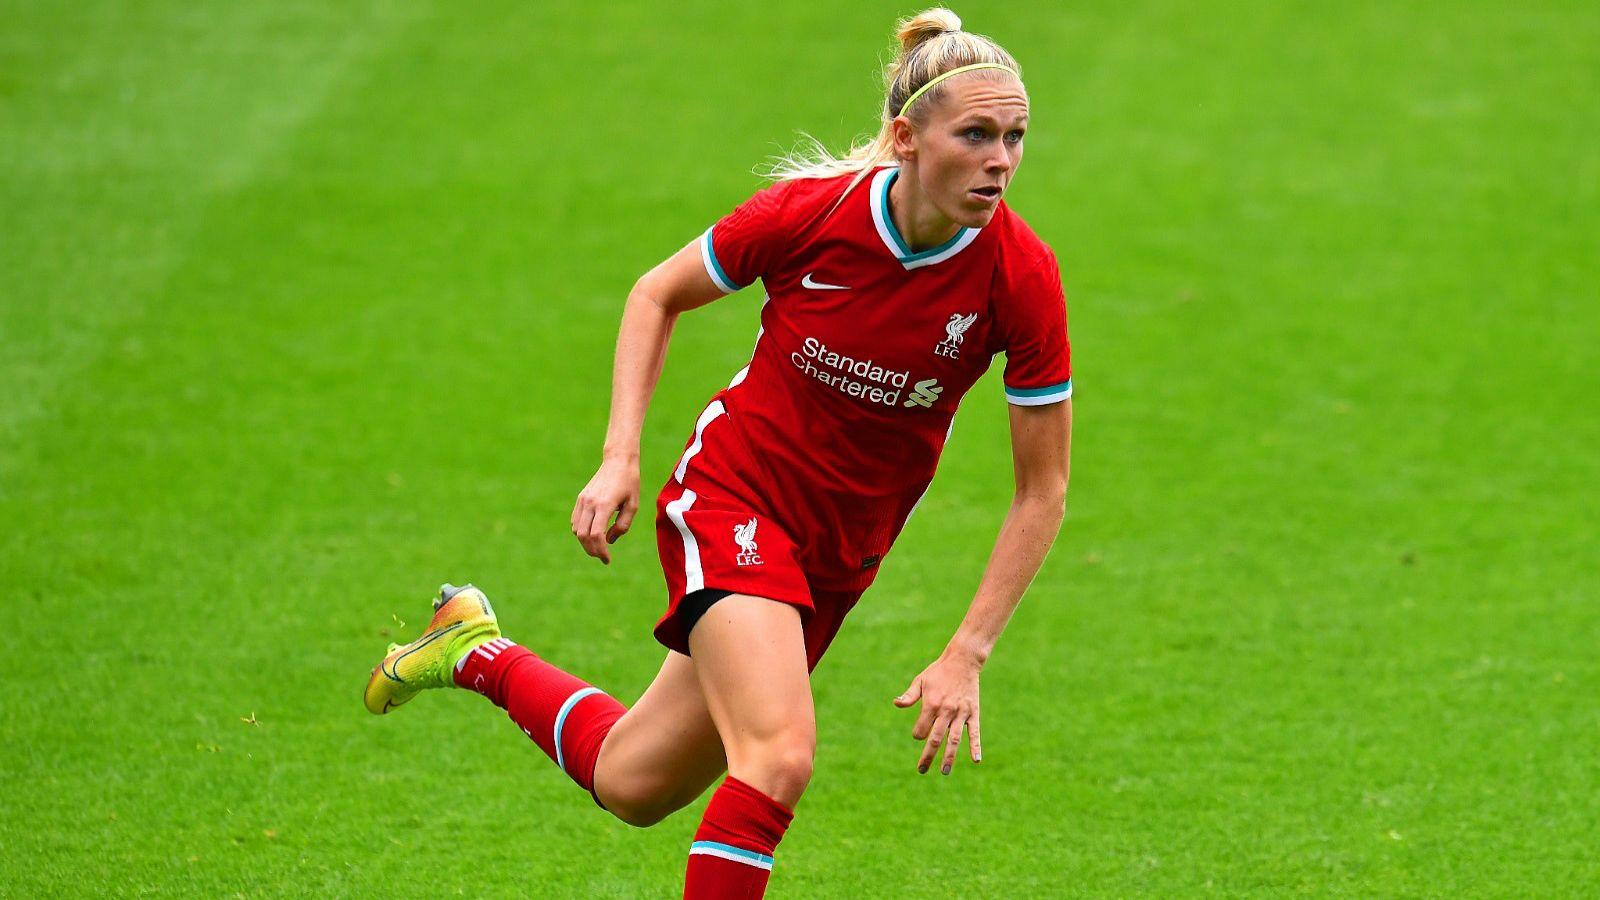 running football player (woman)